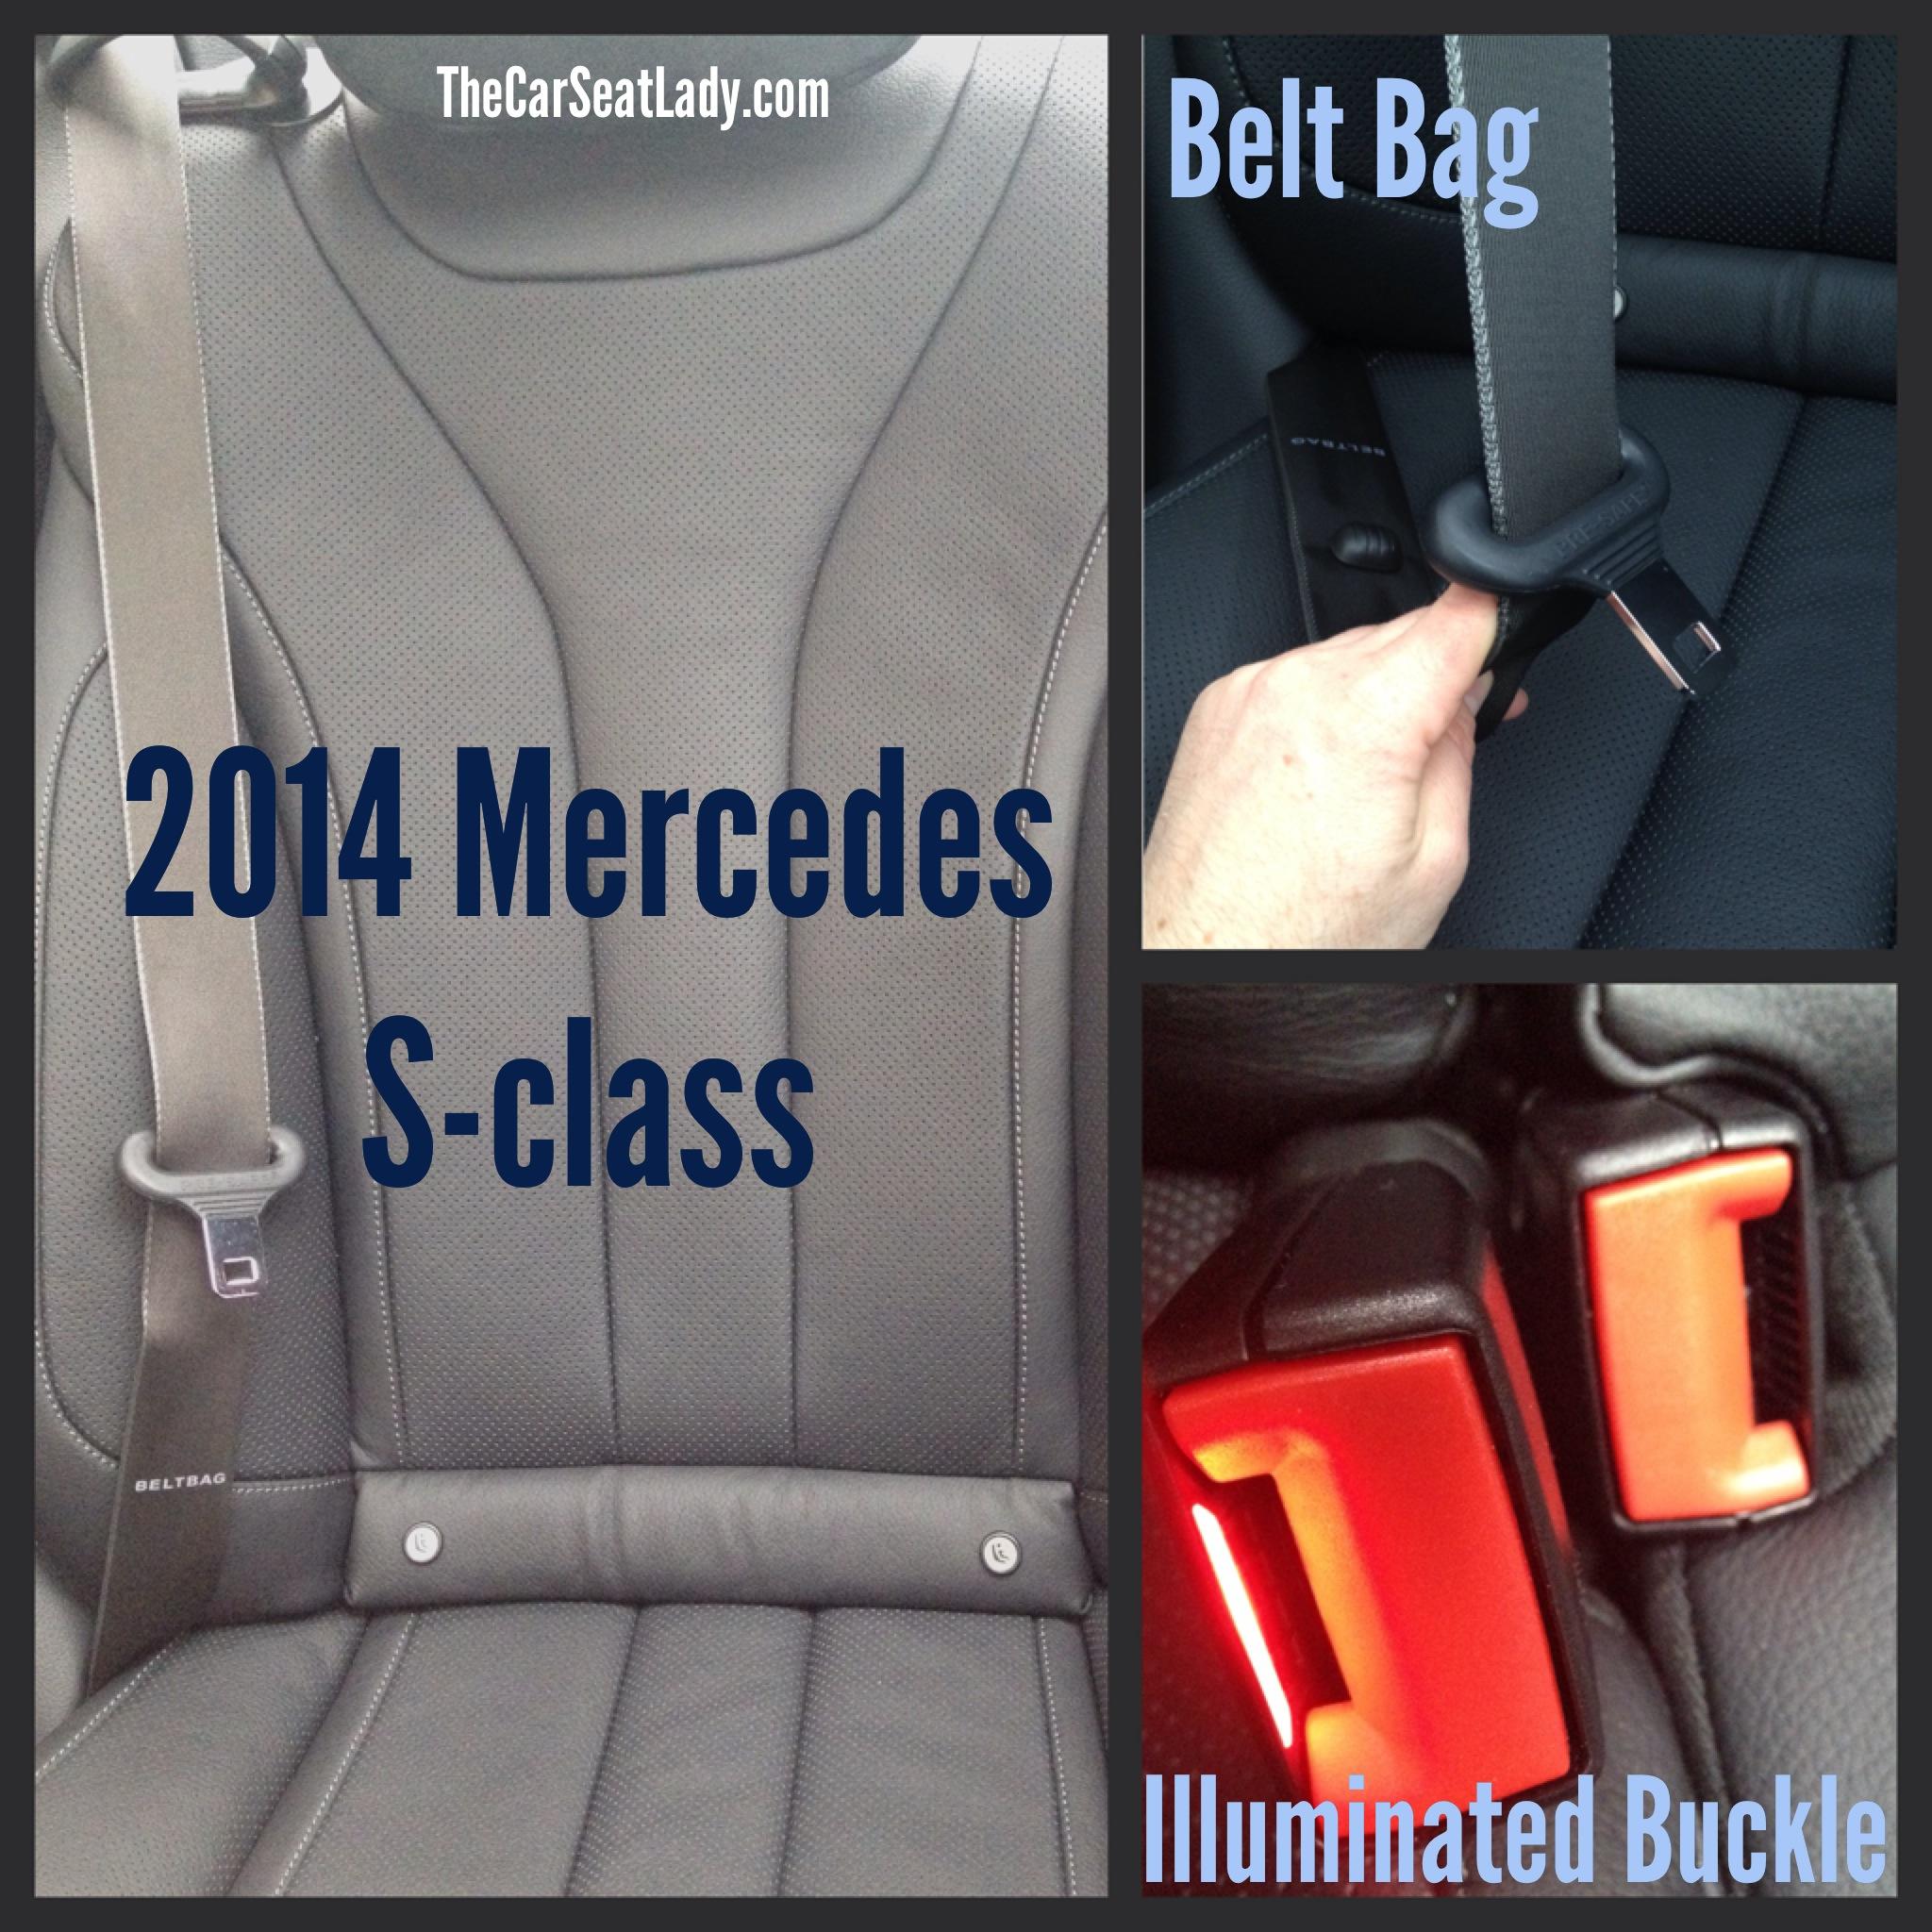 Mercedes Benz S-Class with Belt Bag